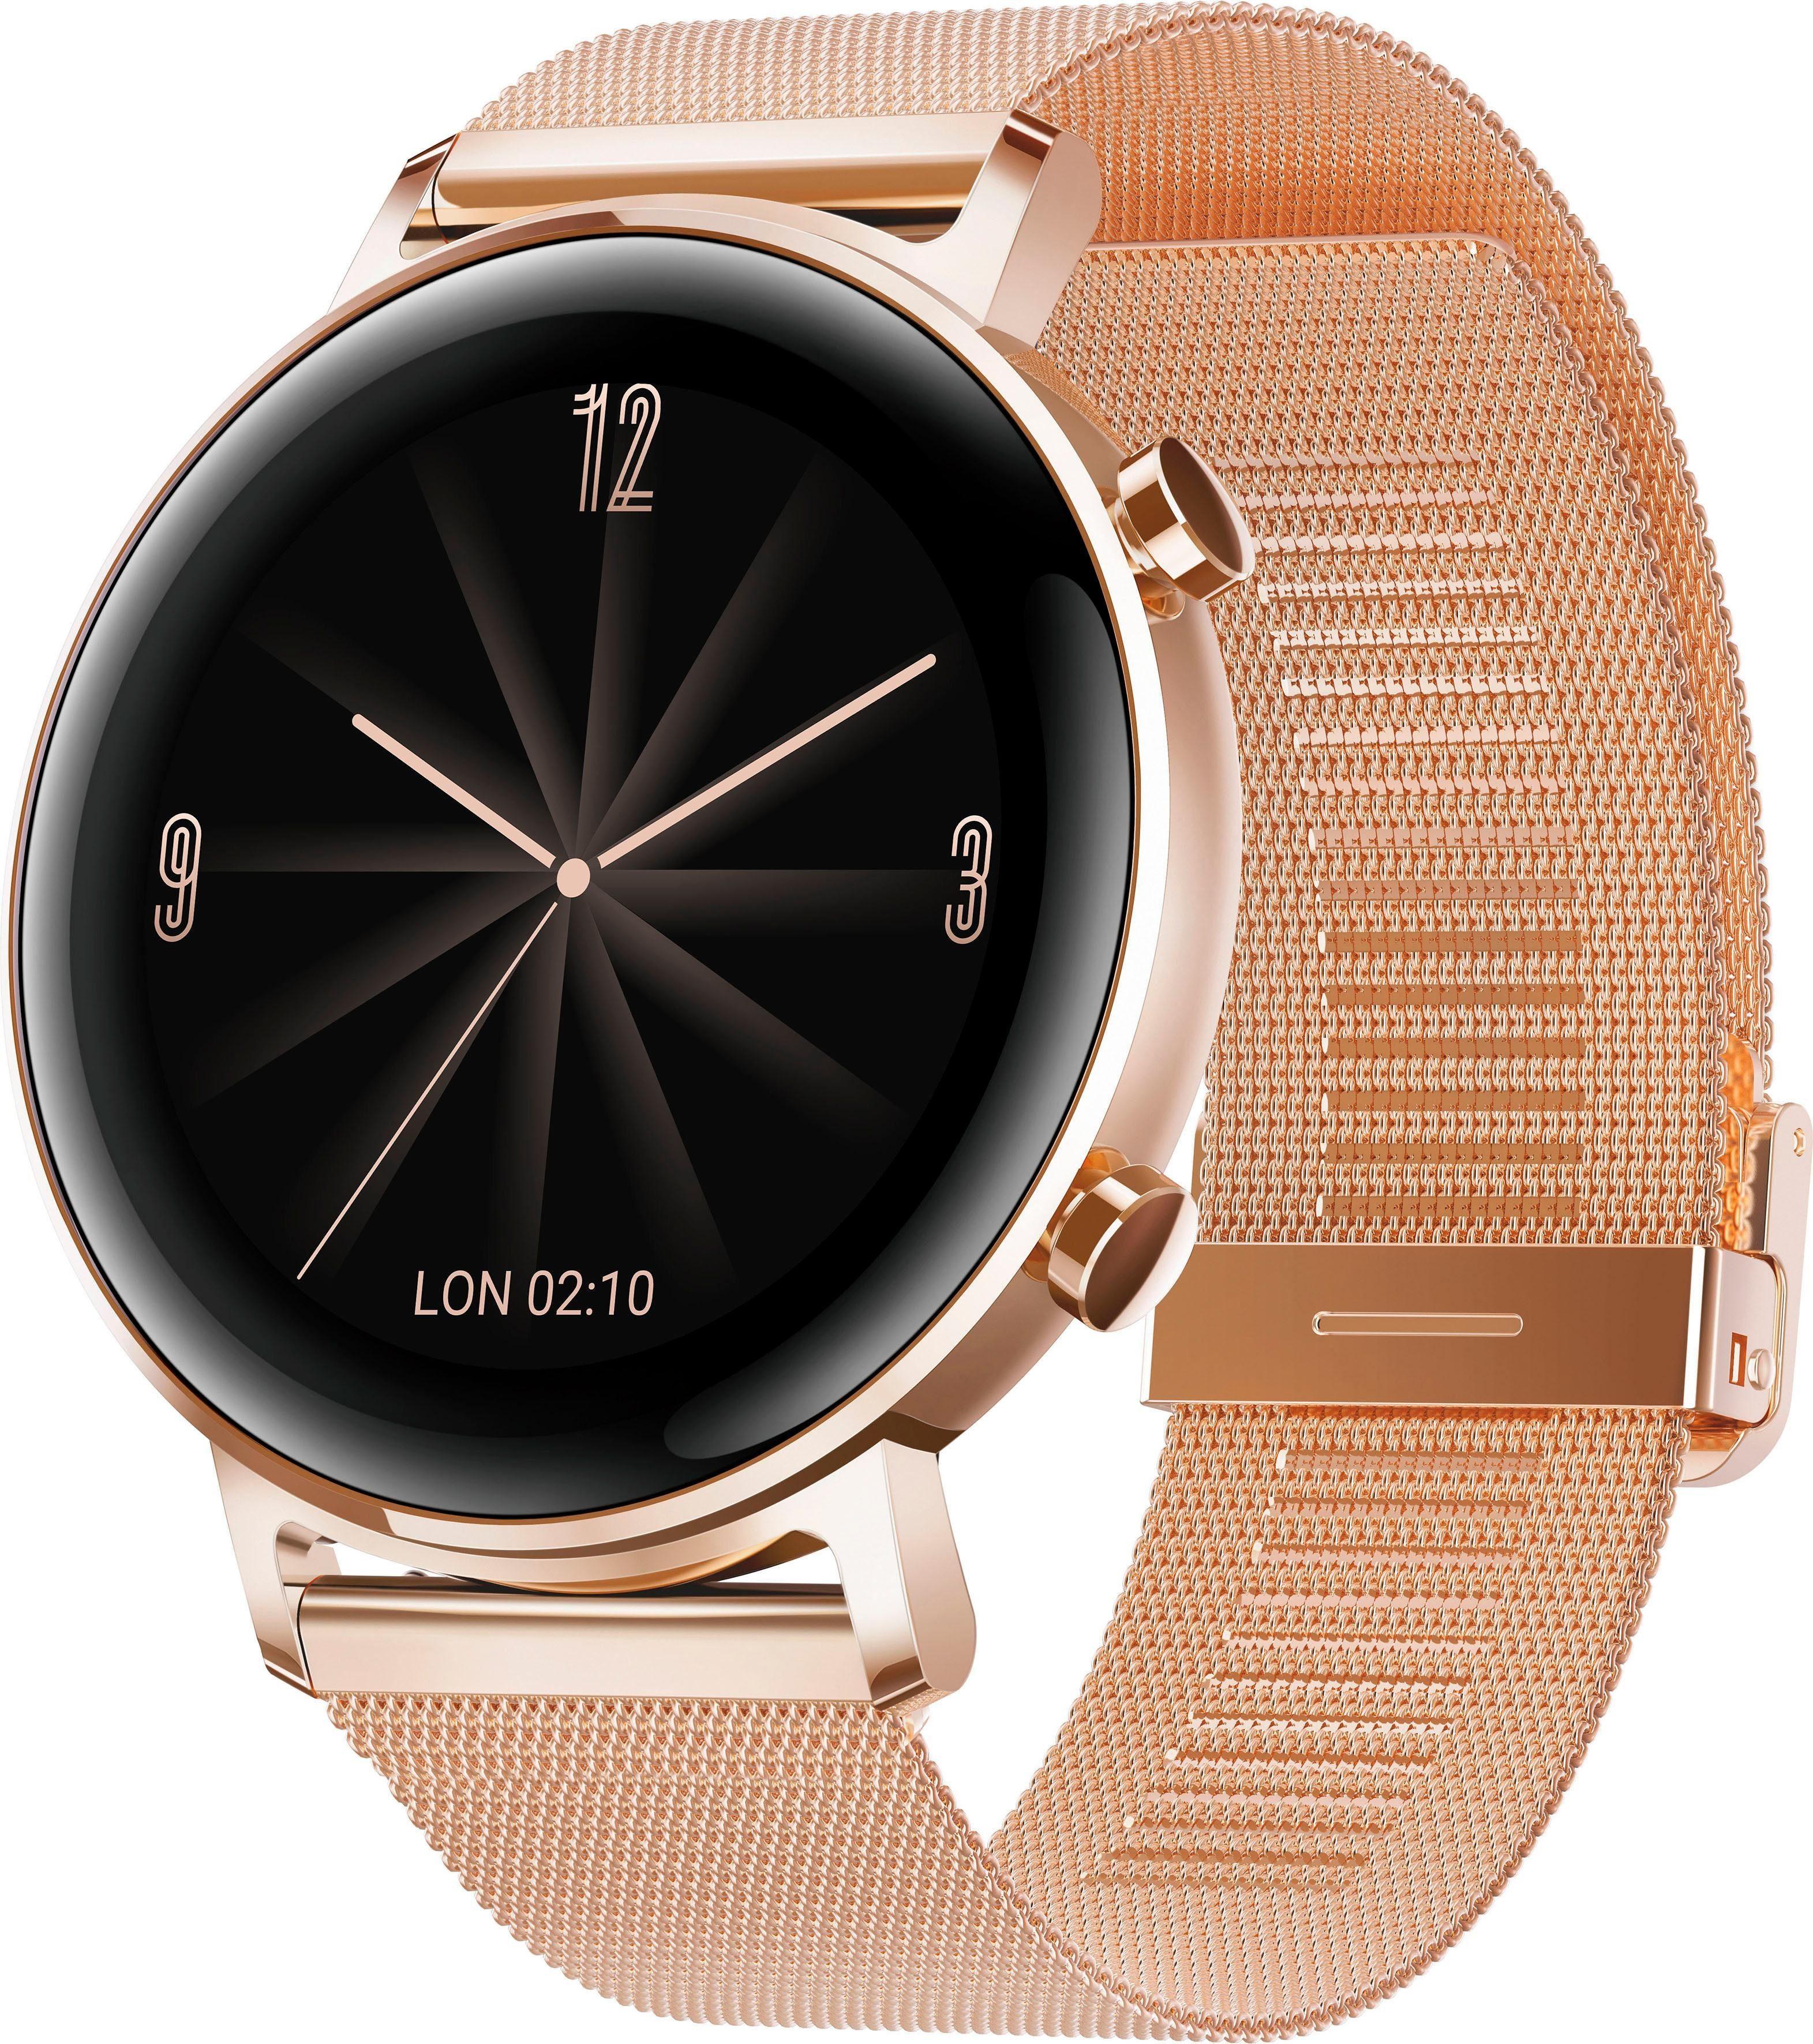 Huawei Watch GT 2 Elegant Smartwatch ( 1,2 Zoll, RTOS) | Uhren > Smartwatches | Huawei